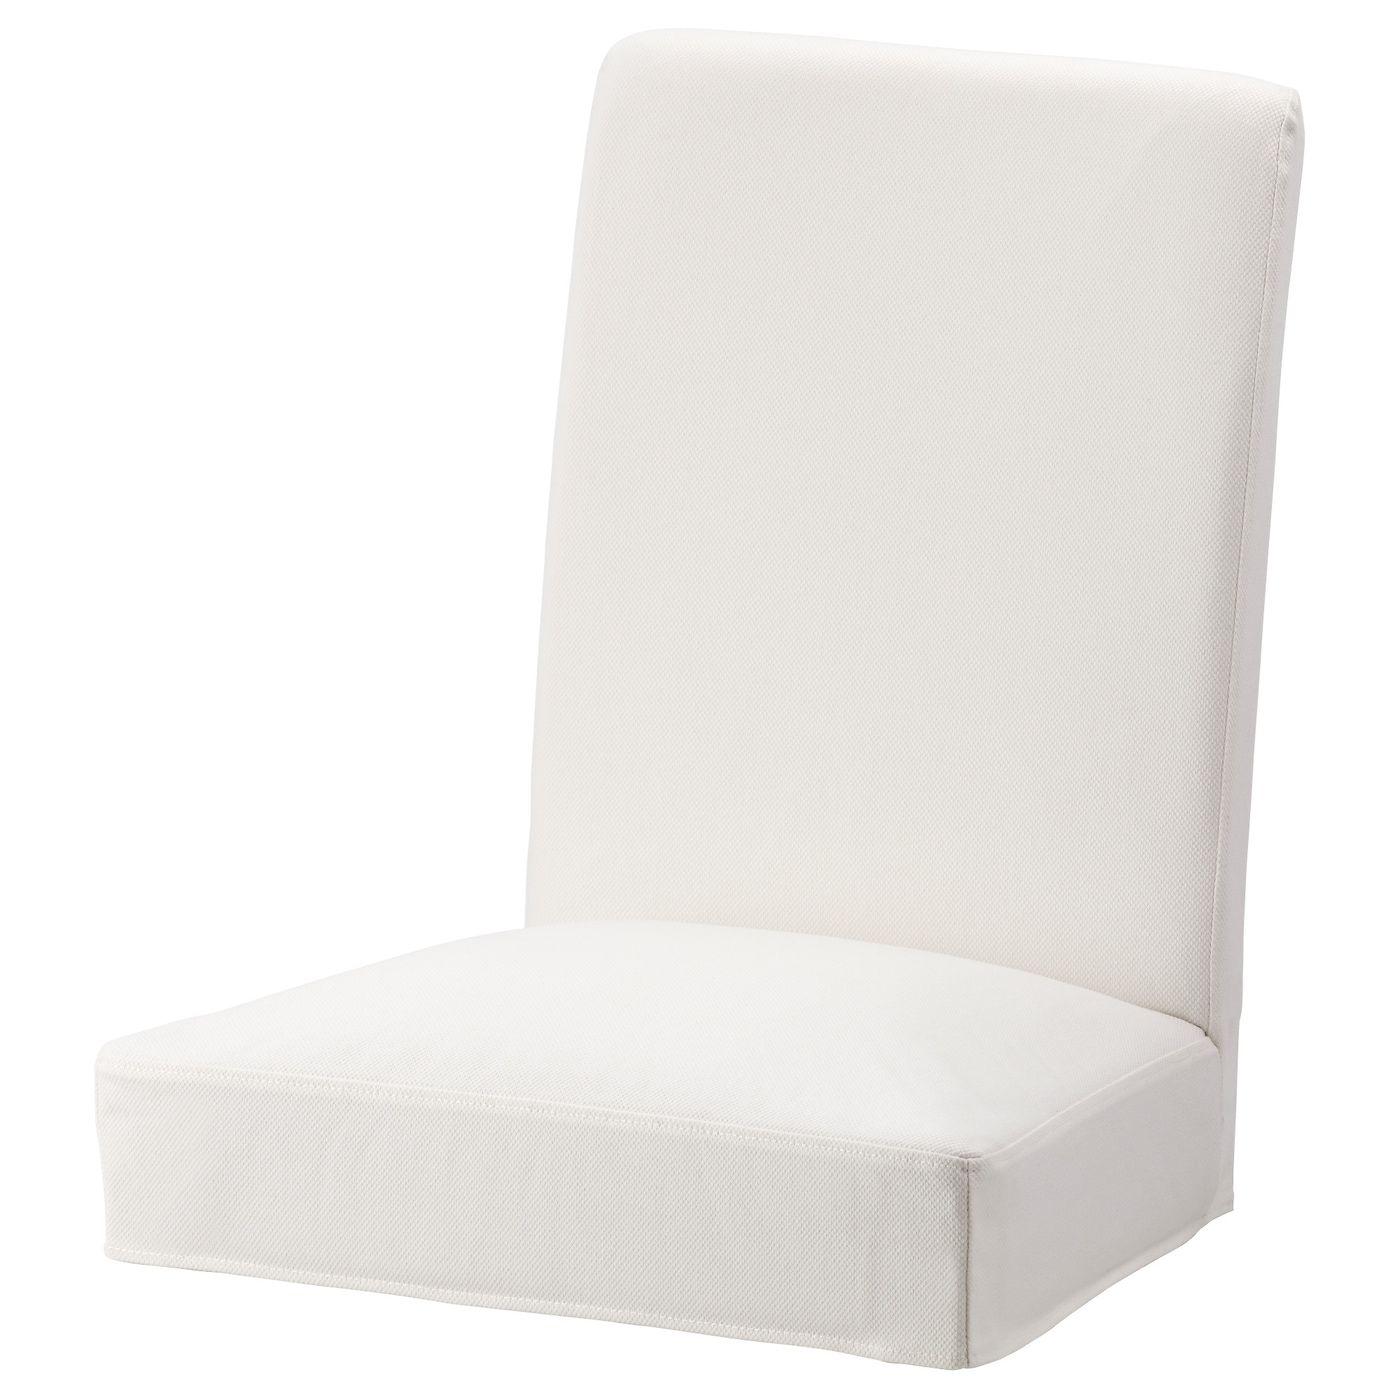 IKEA HENRIKSDAL Gräsbo White Chair cover Henriksdal